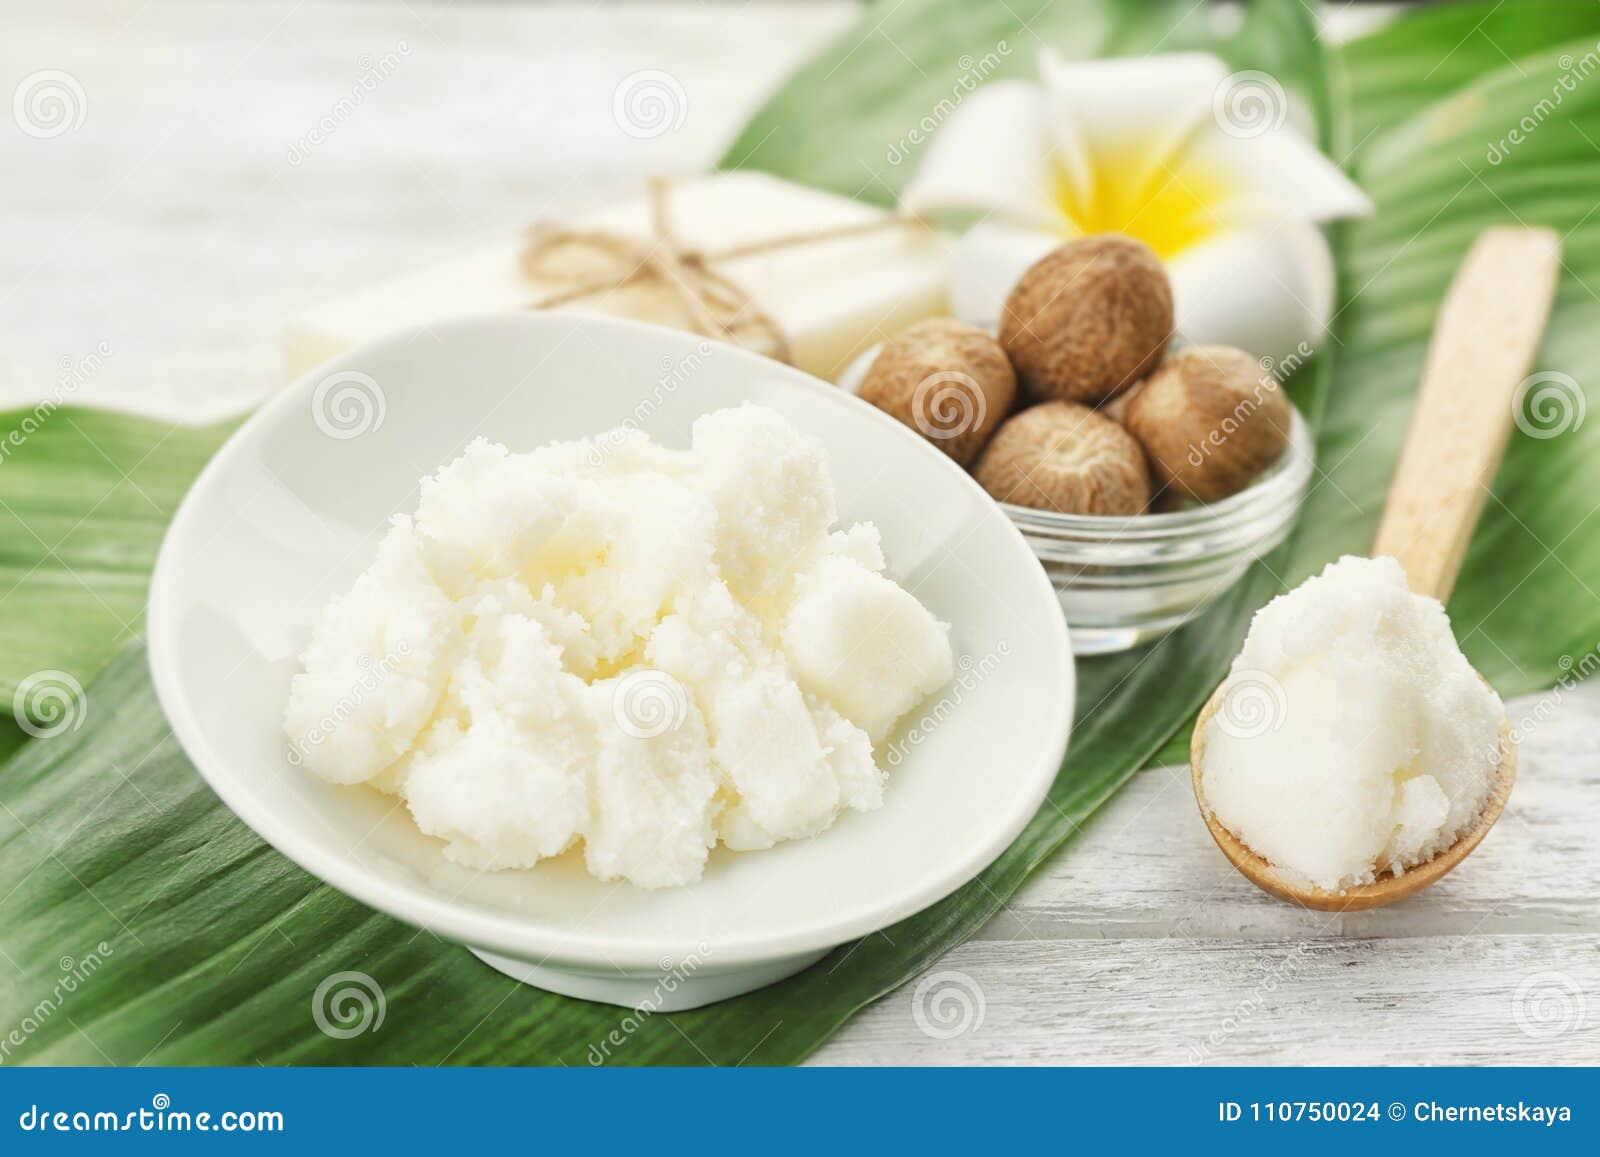 Composición hermosa con mantequilla, jabón y nueces de mandingo